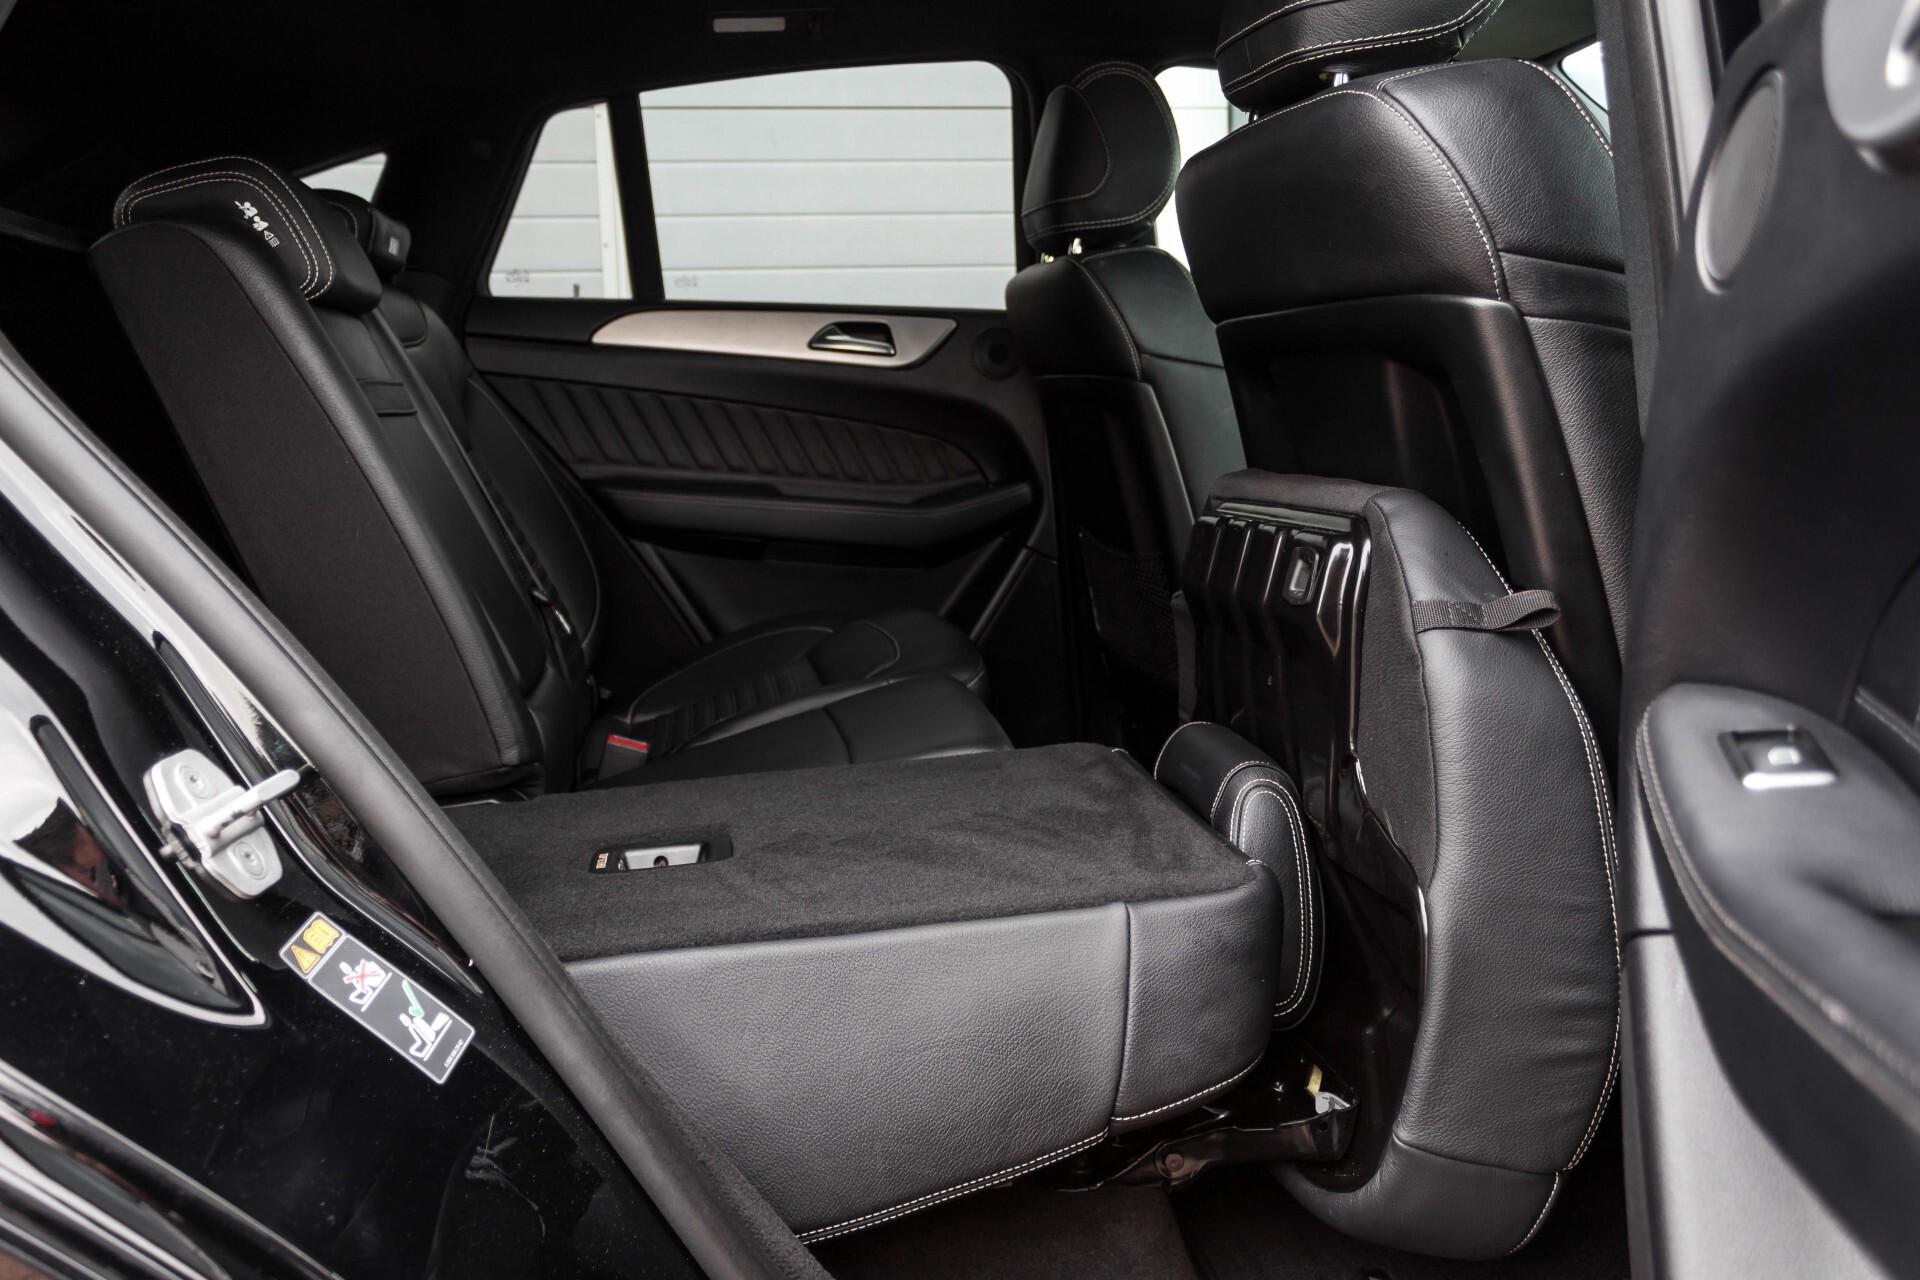 Mercedes-Benz GLE-Klasse Coupé 350 d 4-M AMG Luchtvering/Distronic/Panorama/Mem/Trekhaak Aut9 Foto 6